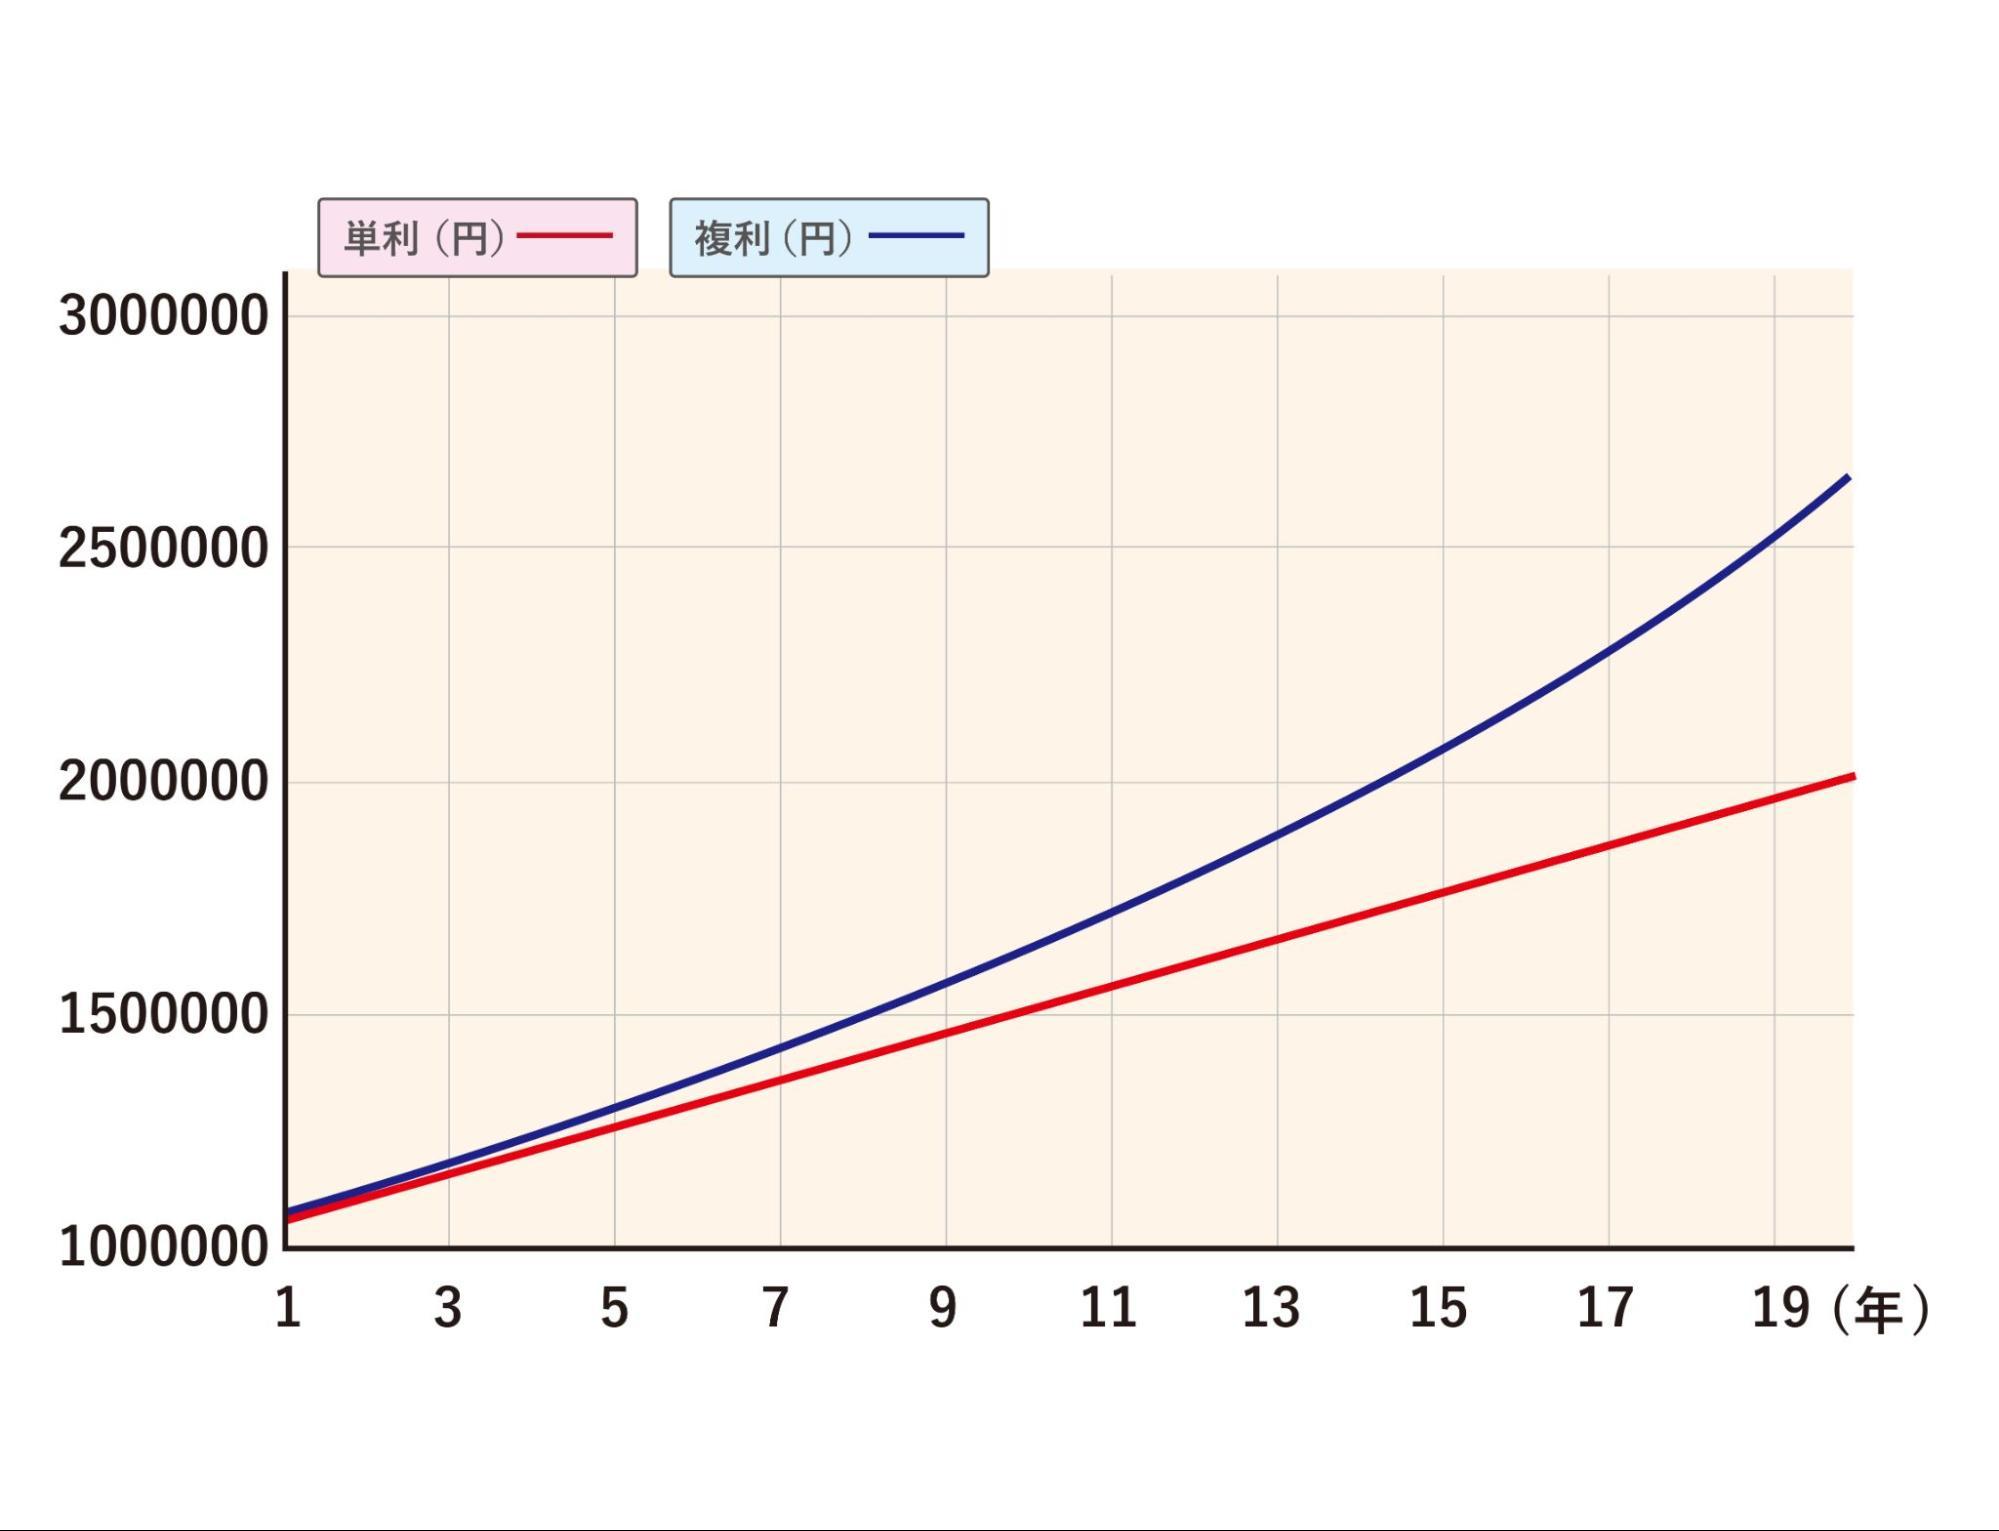 単利と複利それぞれで運用した時の元利合計は、投資期間が長いほど差がつく